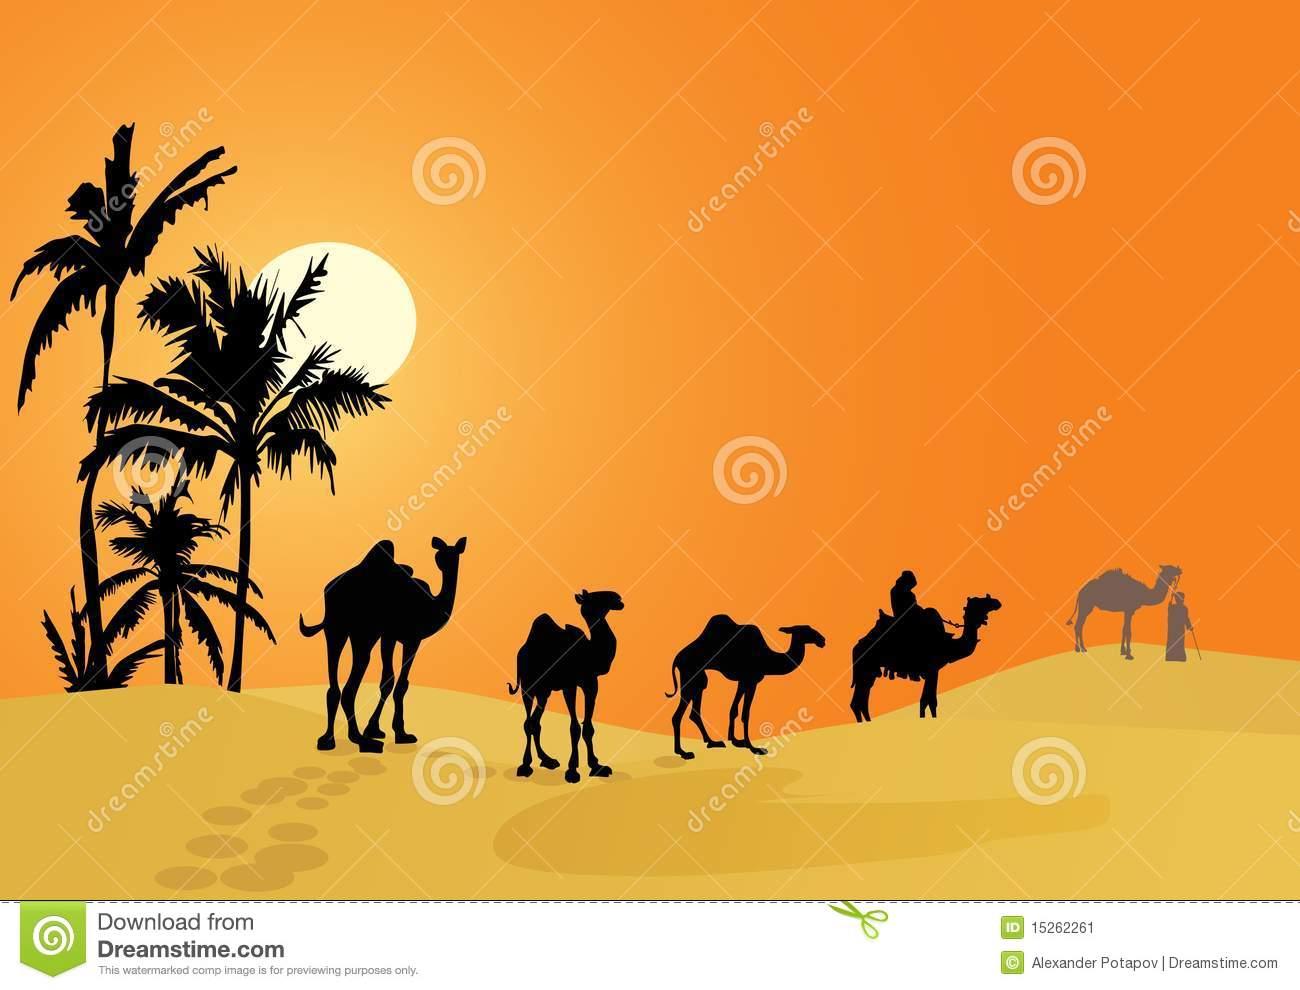 In The Desert clipart desert camel Clipart desert drawings Download clipart